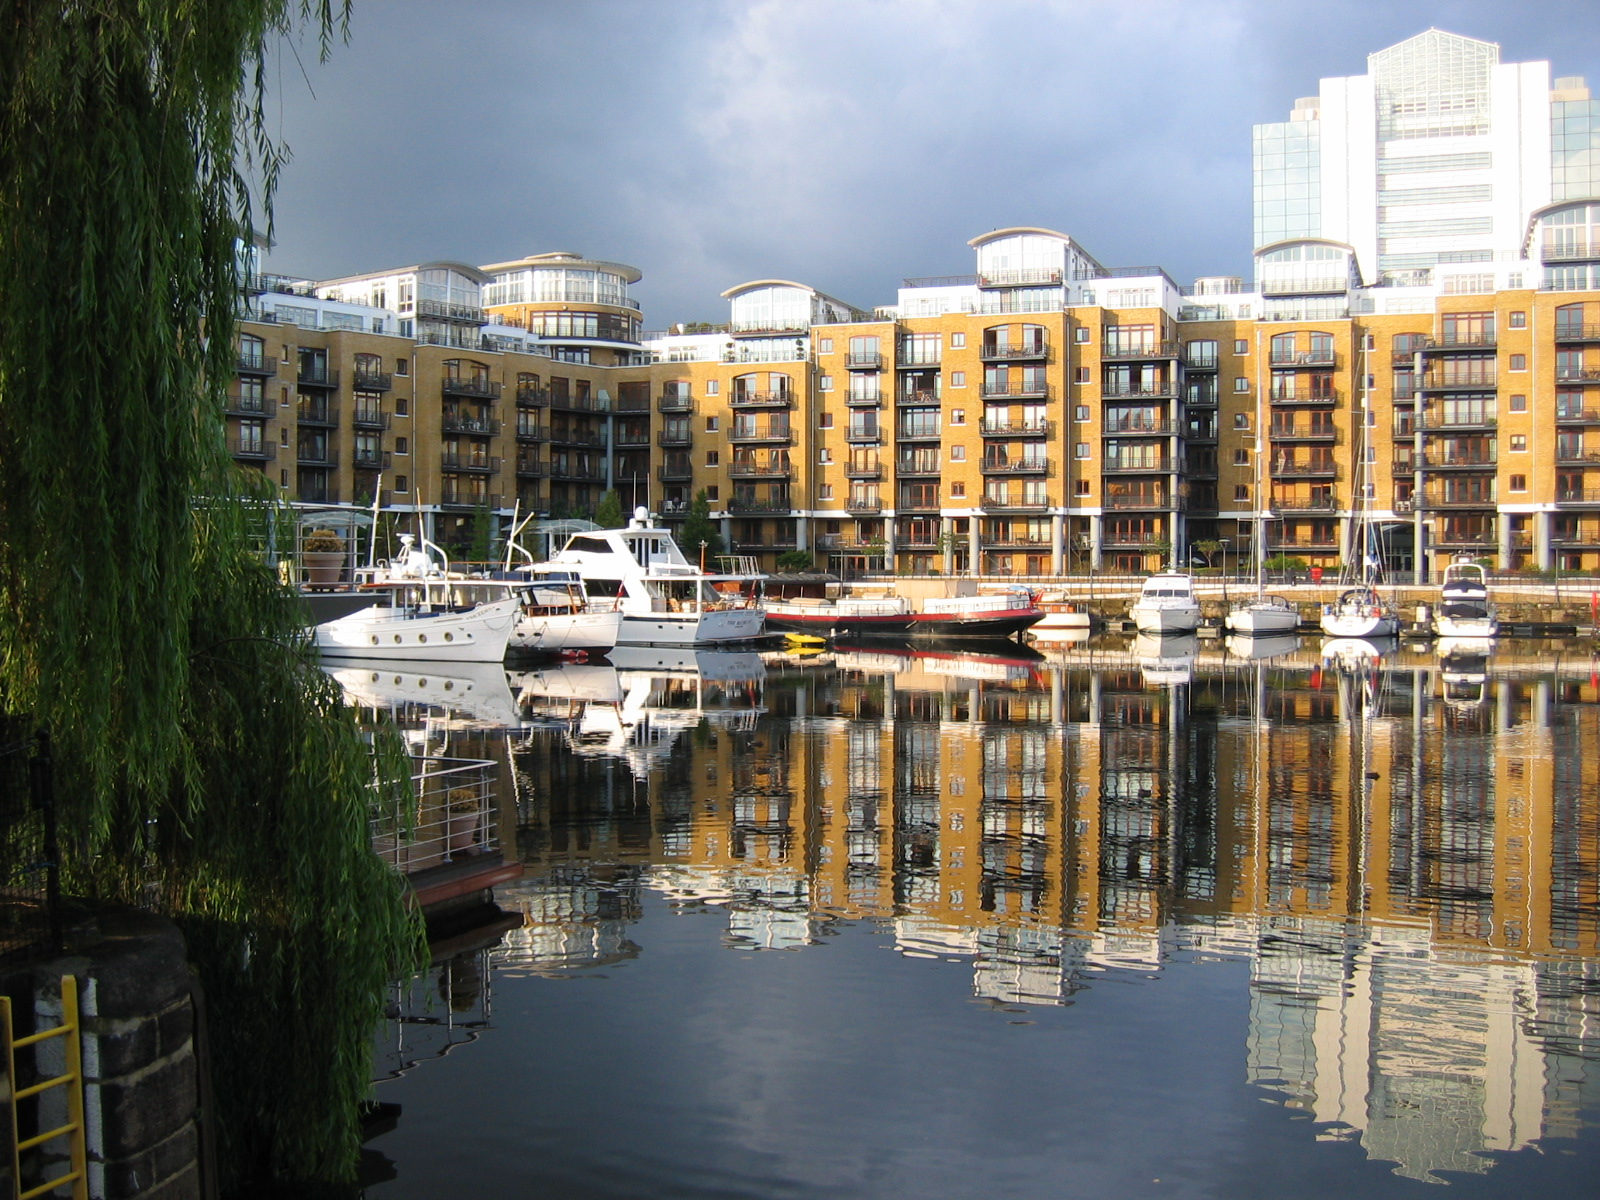 St Katharine Docks Hotel